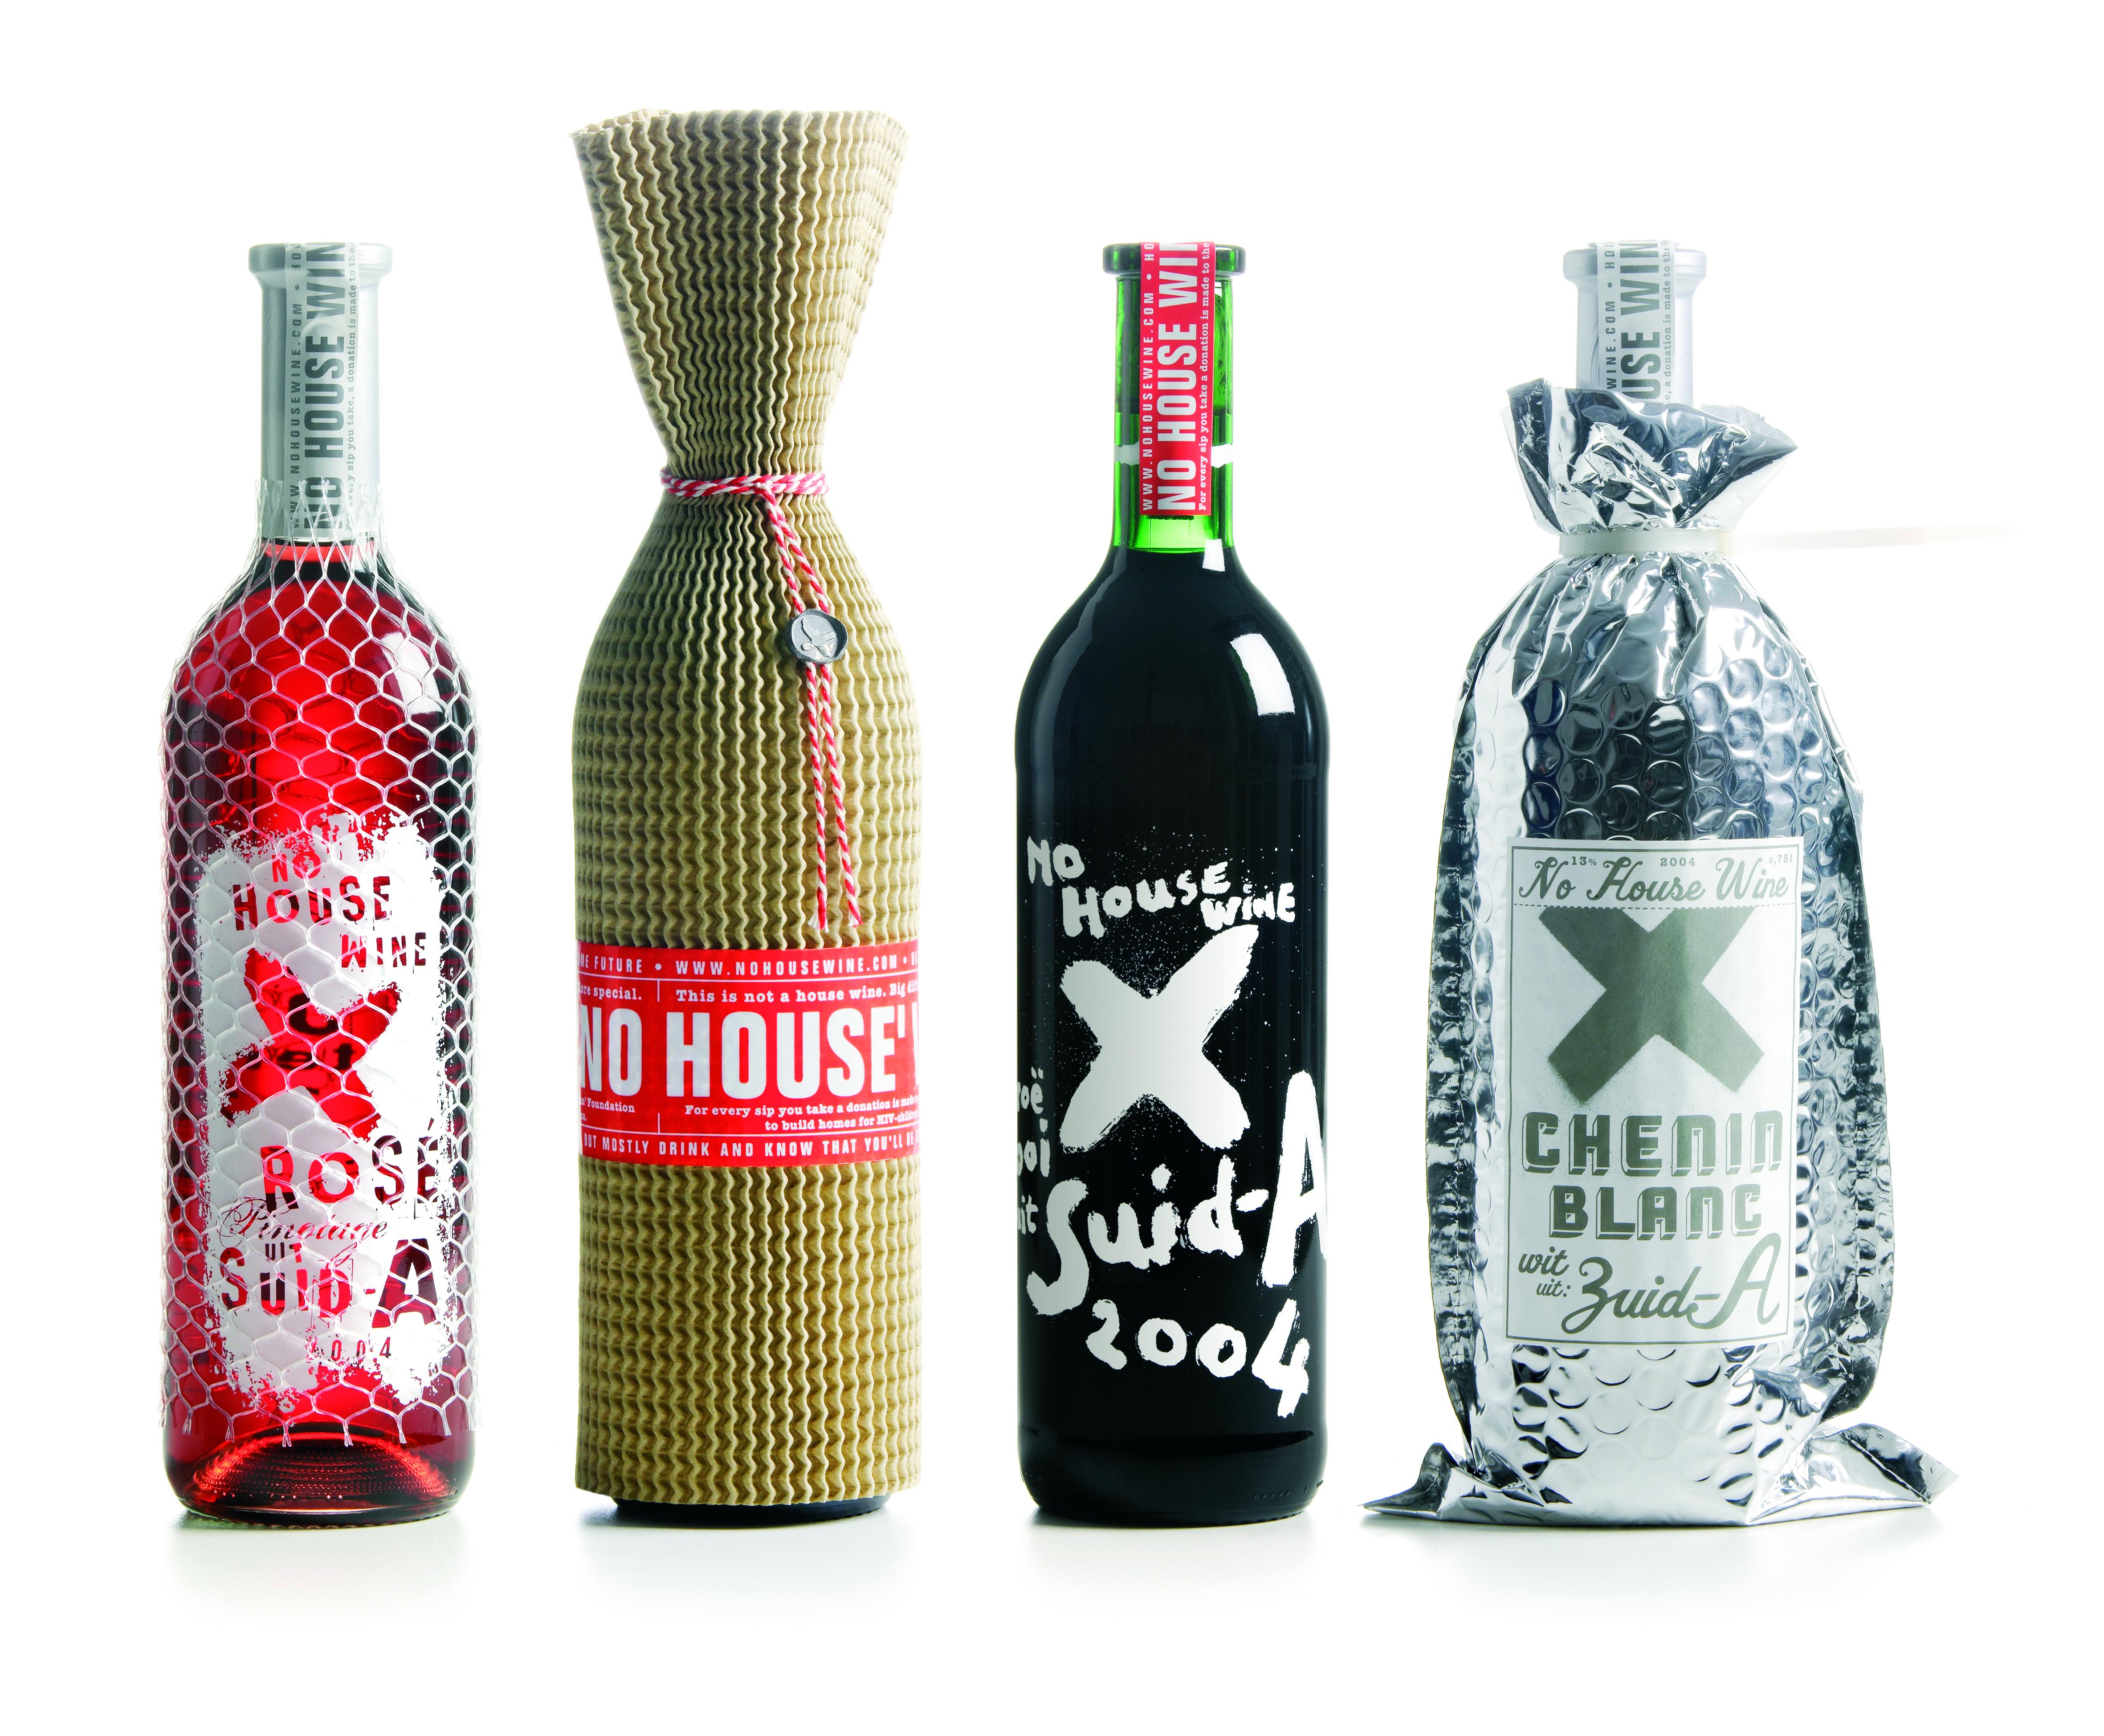 Studio Boot  No House Wine, design de bouteilles de vin, direction artistique, réalisation graphique et illustration Edwin Vollebergh, 7x30,4cm de 2008 à 2013. © Studio Boot, Pays-Bas